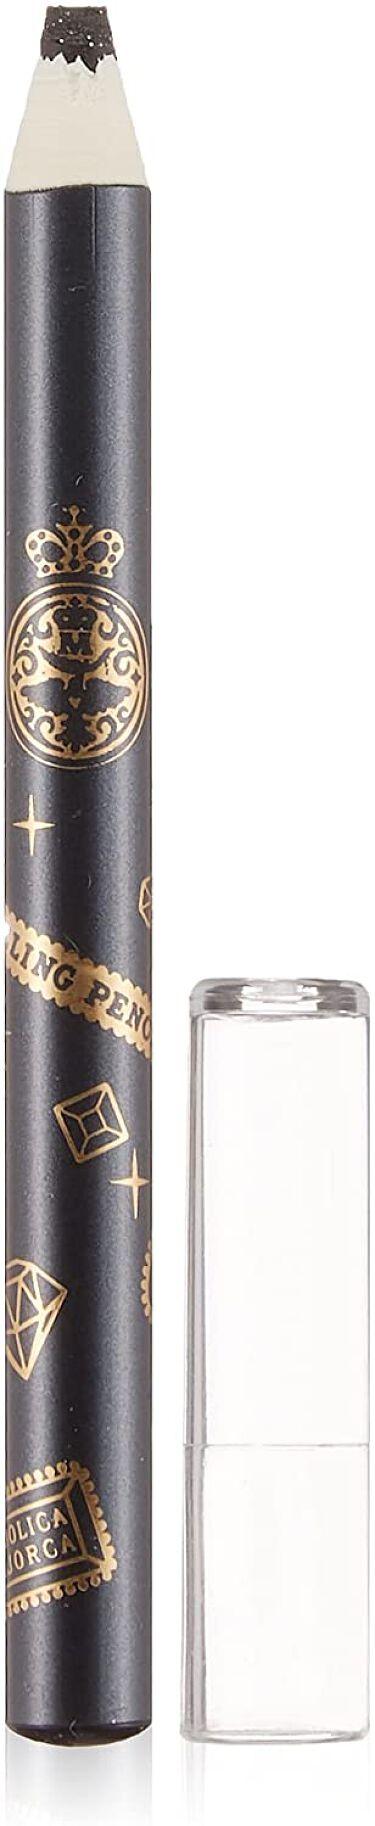 ジュエリングペンシル BK901 ブラックダイヤ